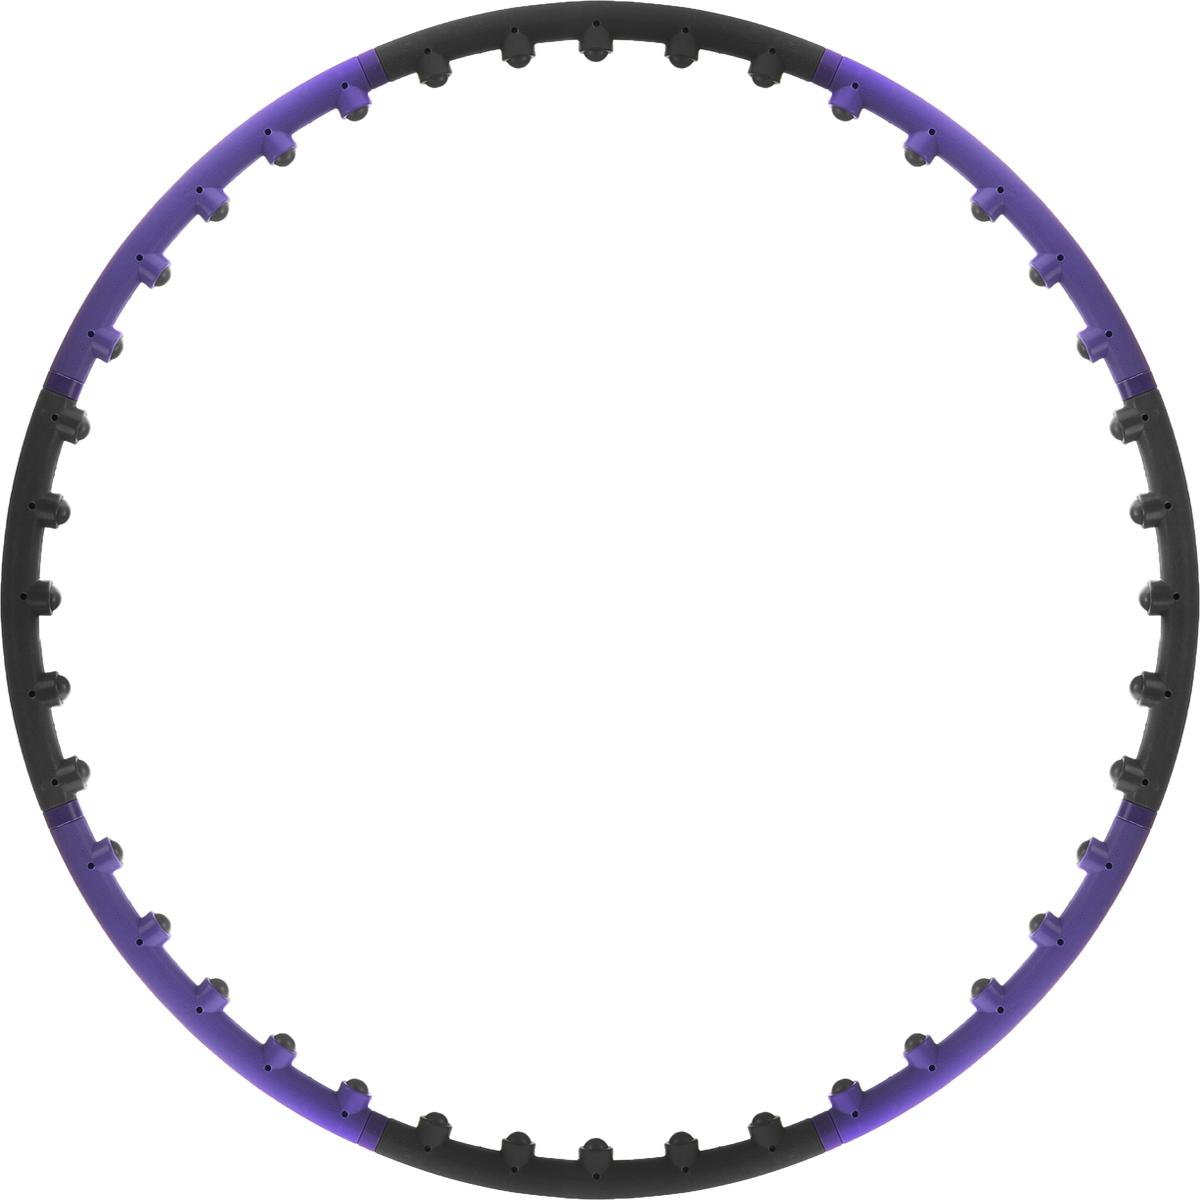 Обруч массажный Star Fit, разборный, цвет: фиолетовый, черный, диаметр 98 смНН-104Star Fit - это массажный разборный обруч от популярного австралийского бренда. Обруч легко собирается и разбирается. Диаметр регулируется, благодаря чему обруч подходит взрослым и детям. Упражнения с этим обручем сжигают больше калорий, чем с обычным. Улучшается кровообращение, усиливается мышечный тонус, что приводит к более активному сжиганию жира. Массажный обруч развивает координацию движений, гибкость, силу, чувство ритма, артистичность, укрепляет вестибулярный аппарат. Сжигает подкожный жир в проблемных участках тела, улучшает состояние кожи в области талии, живота и бёдер. Нормализует работу кишечника. Тренирует и развивает мышцы рук, плеч, спины и ног. С помощью обруча можно выполнять большое количество упражнений из гимнастики, и упражнений на растяжку. Массажный обруч удобен и прост в использовании. Не требует особых знаний и места для занятий. Достаточно вращать обруч 10-20 минут в день и таким образом фигура изменится в положительную сторону.